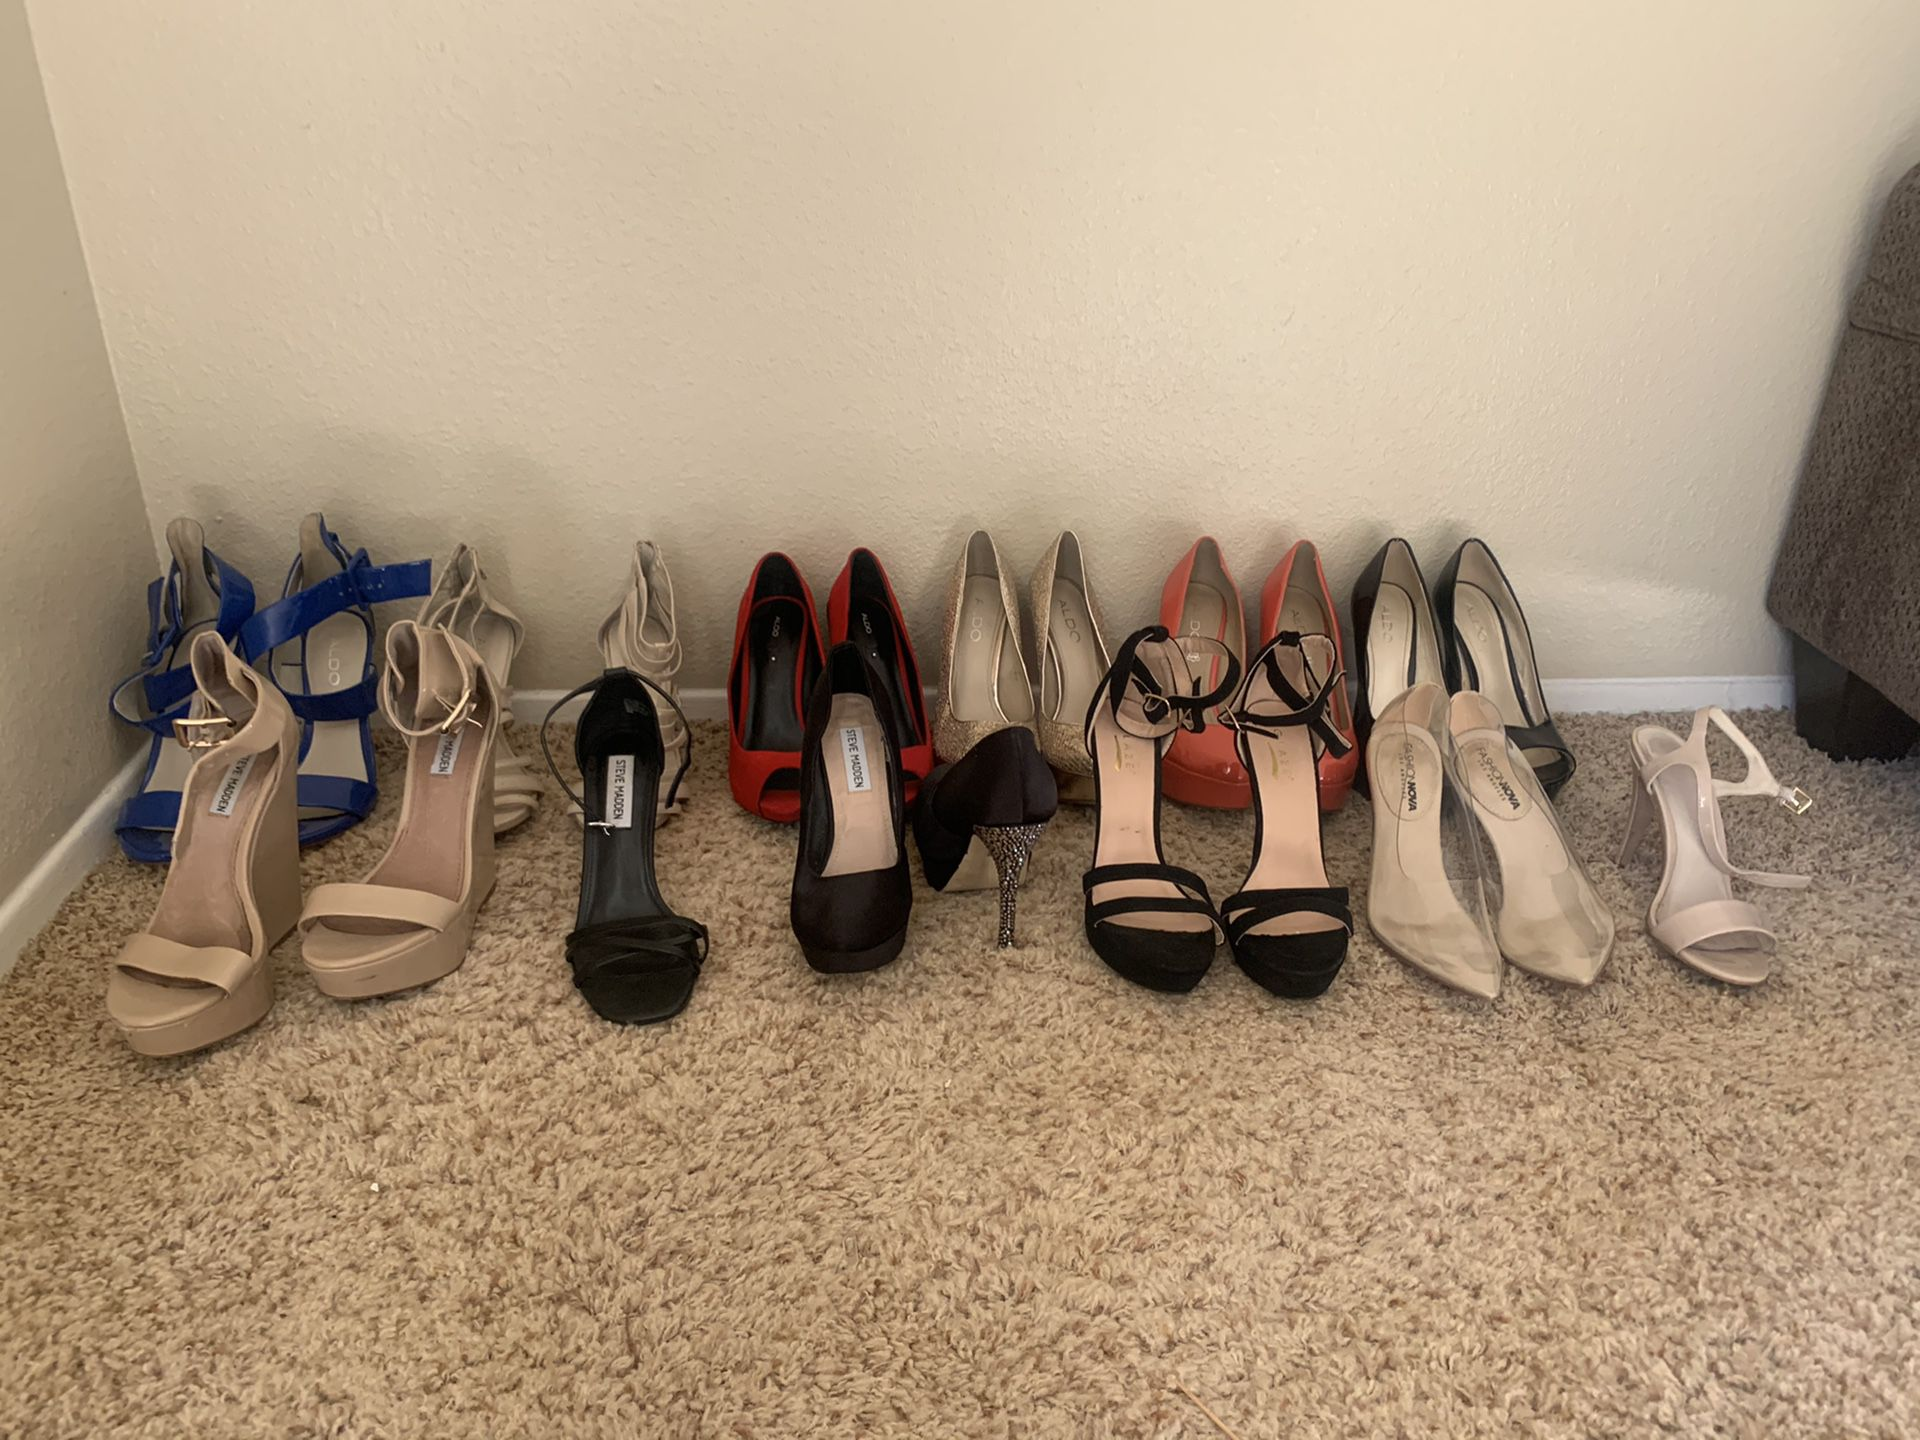 12 brand name pair of womans heels 6.5/7